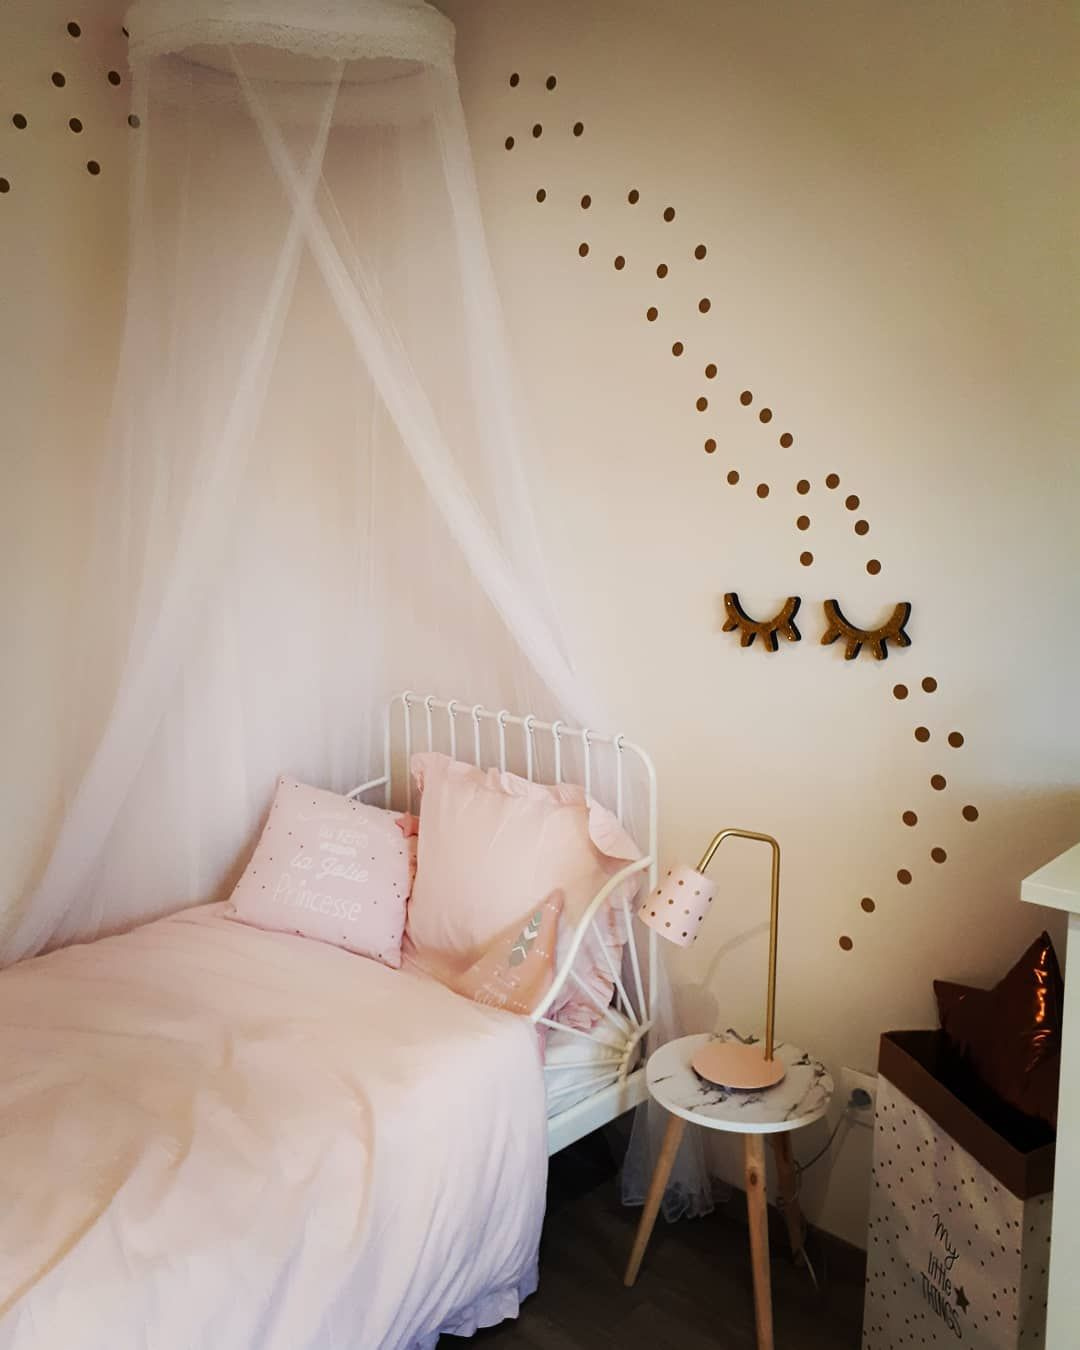 J ai rajouté au mur des petits stickers doré rond 😍 ______